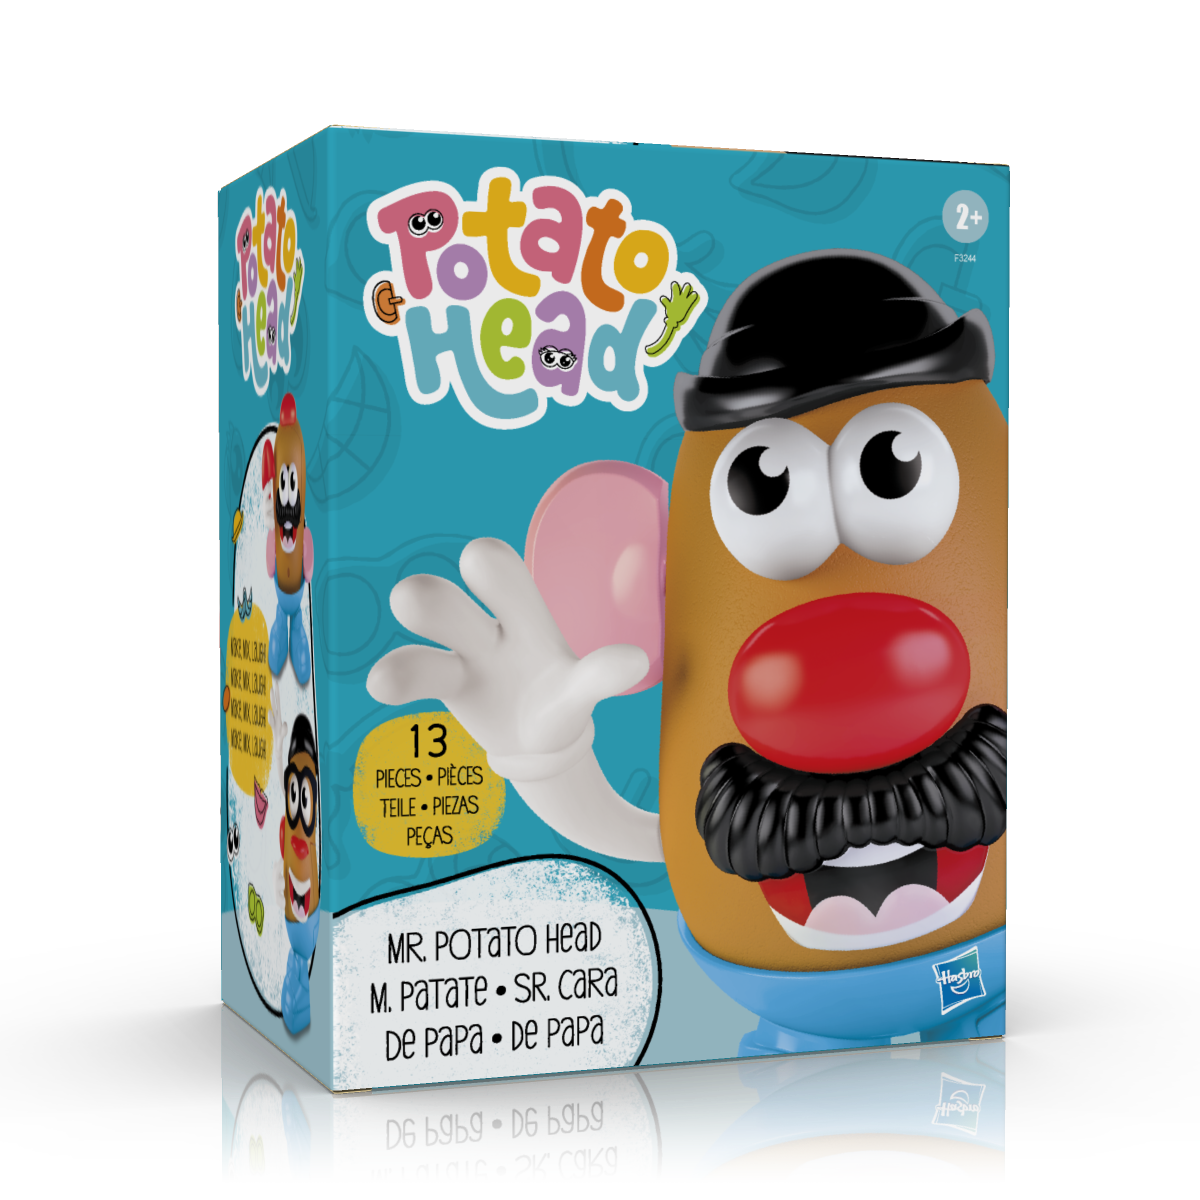 Artwork of the new Potato Head box, featuring Mr. Potato Head.